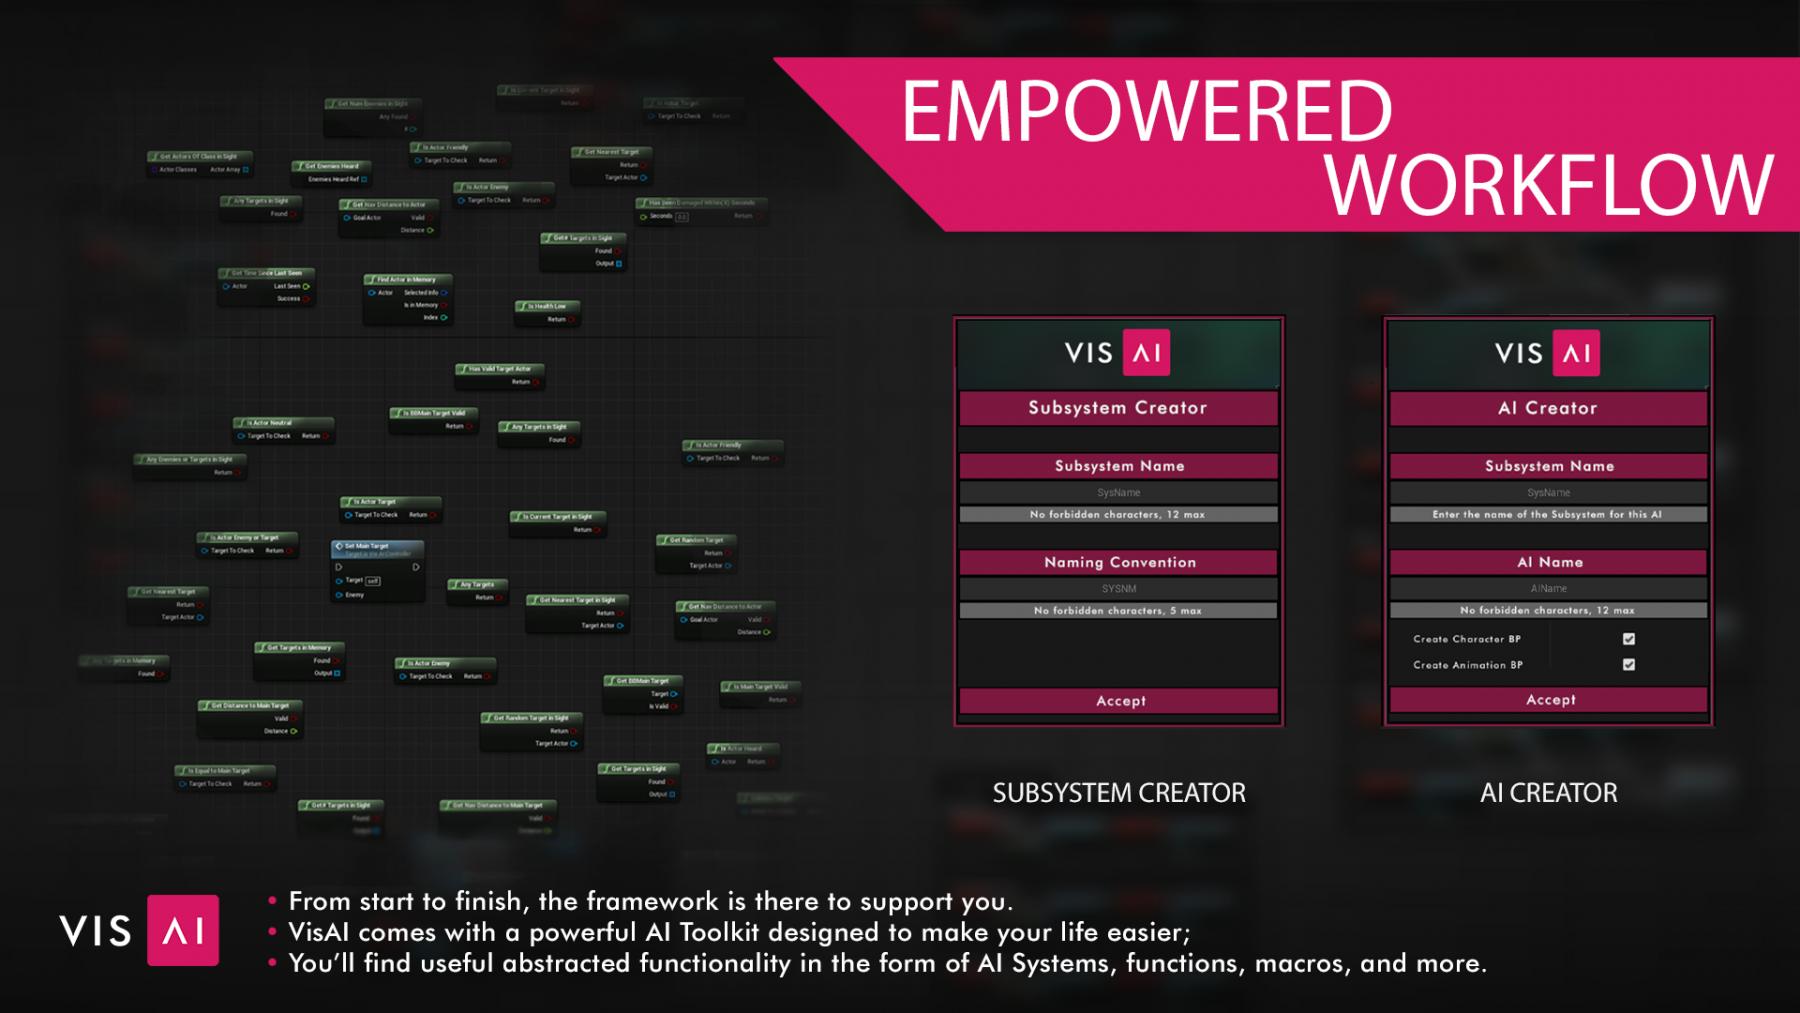 4_EMPOWERED-WORKFLOW